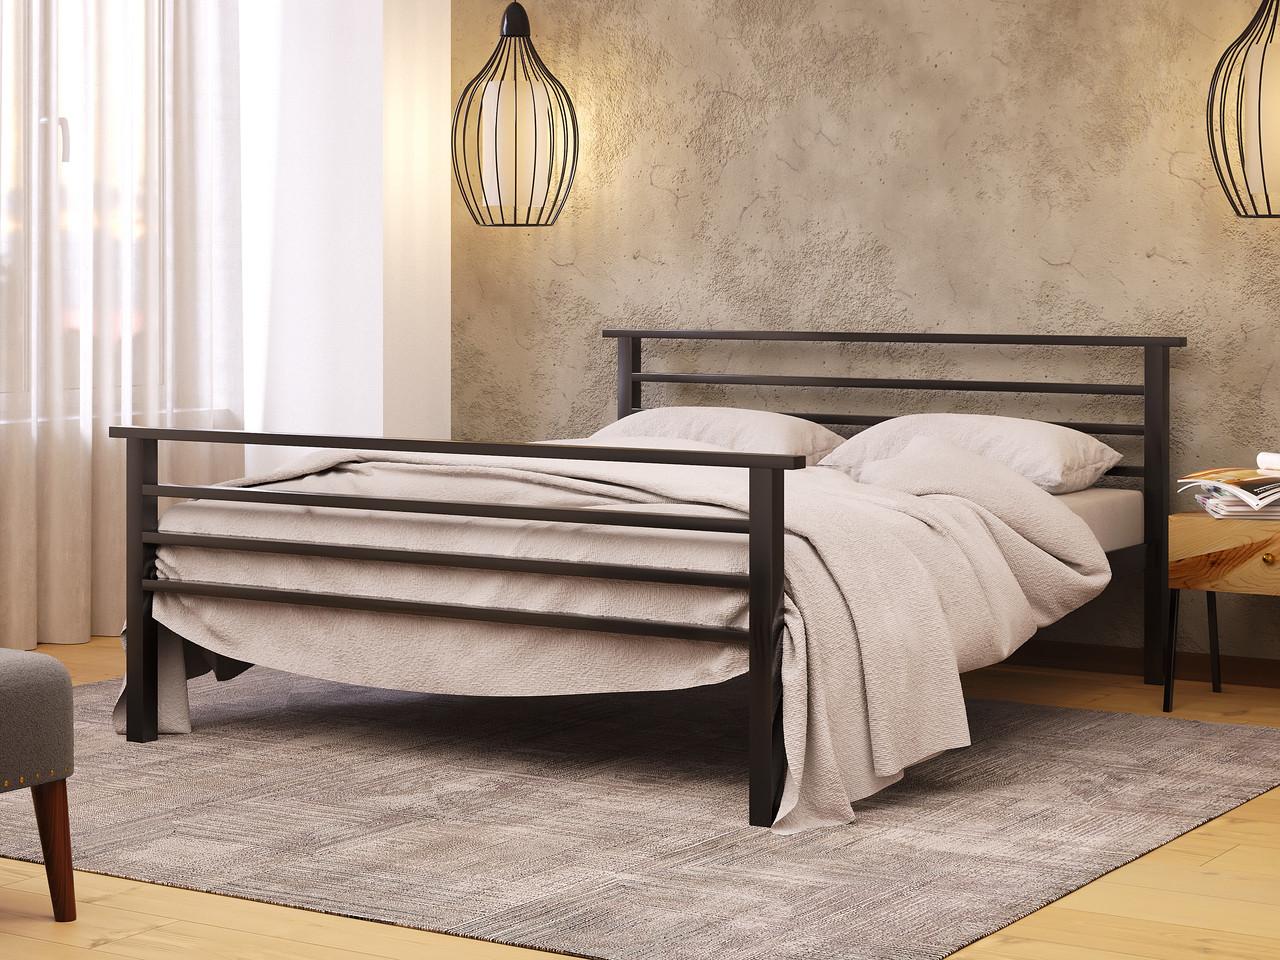 Кровать металлическая Lex-2 (Лекс)